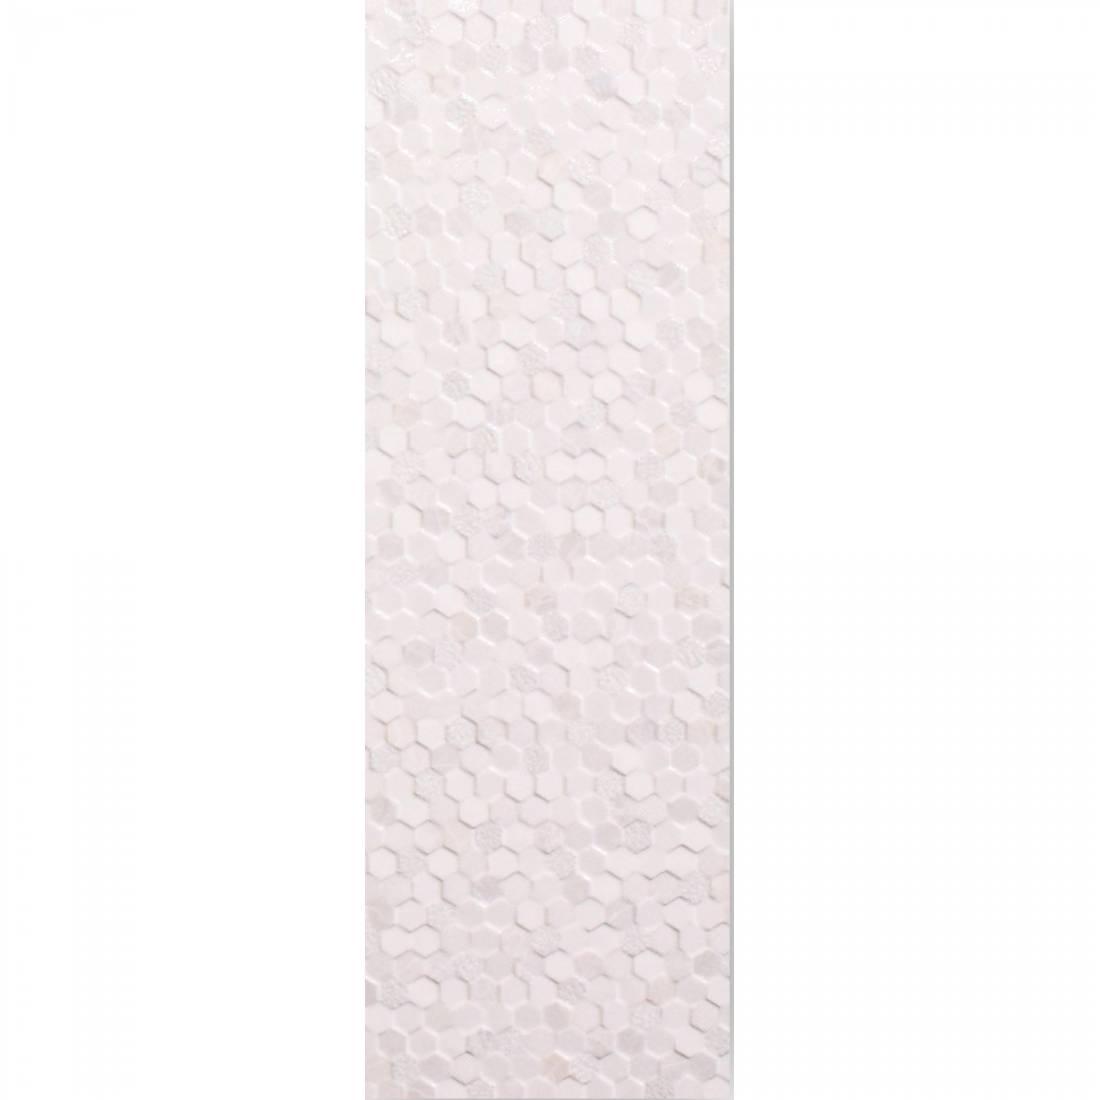 Turia Blanco 20x60 White 1